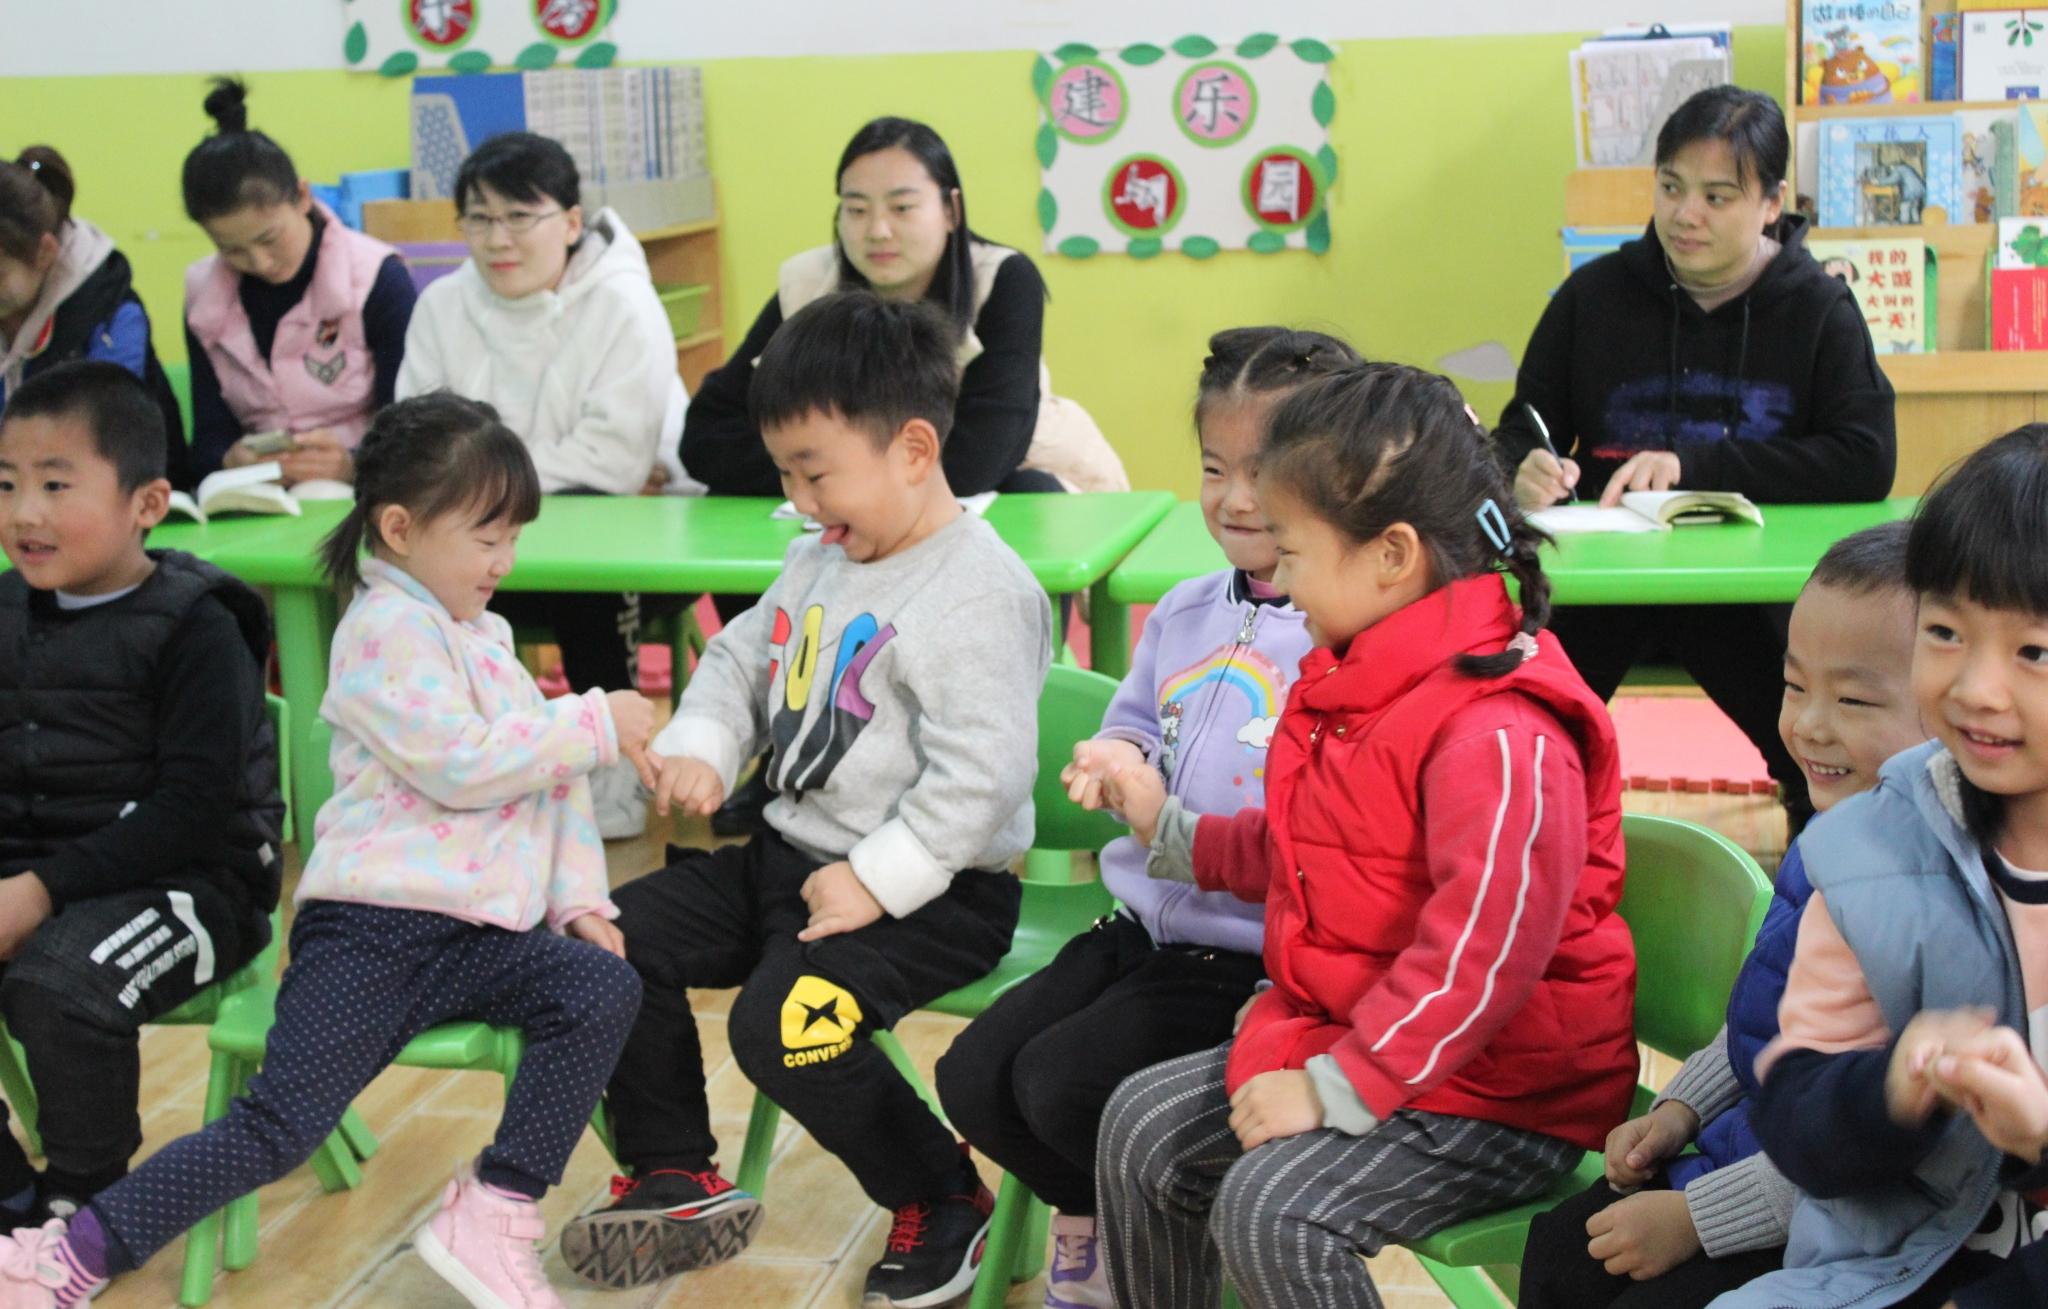 互交流,共提升 ——济南市天桥区幼教中心第三实验幼儿园领域集体教学研讨活动